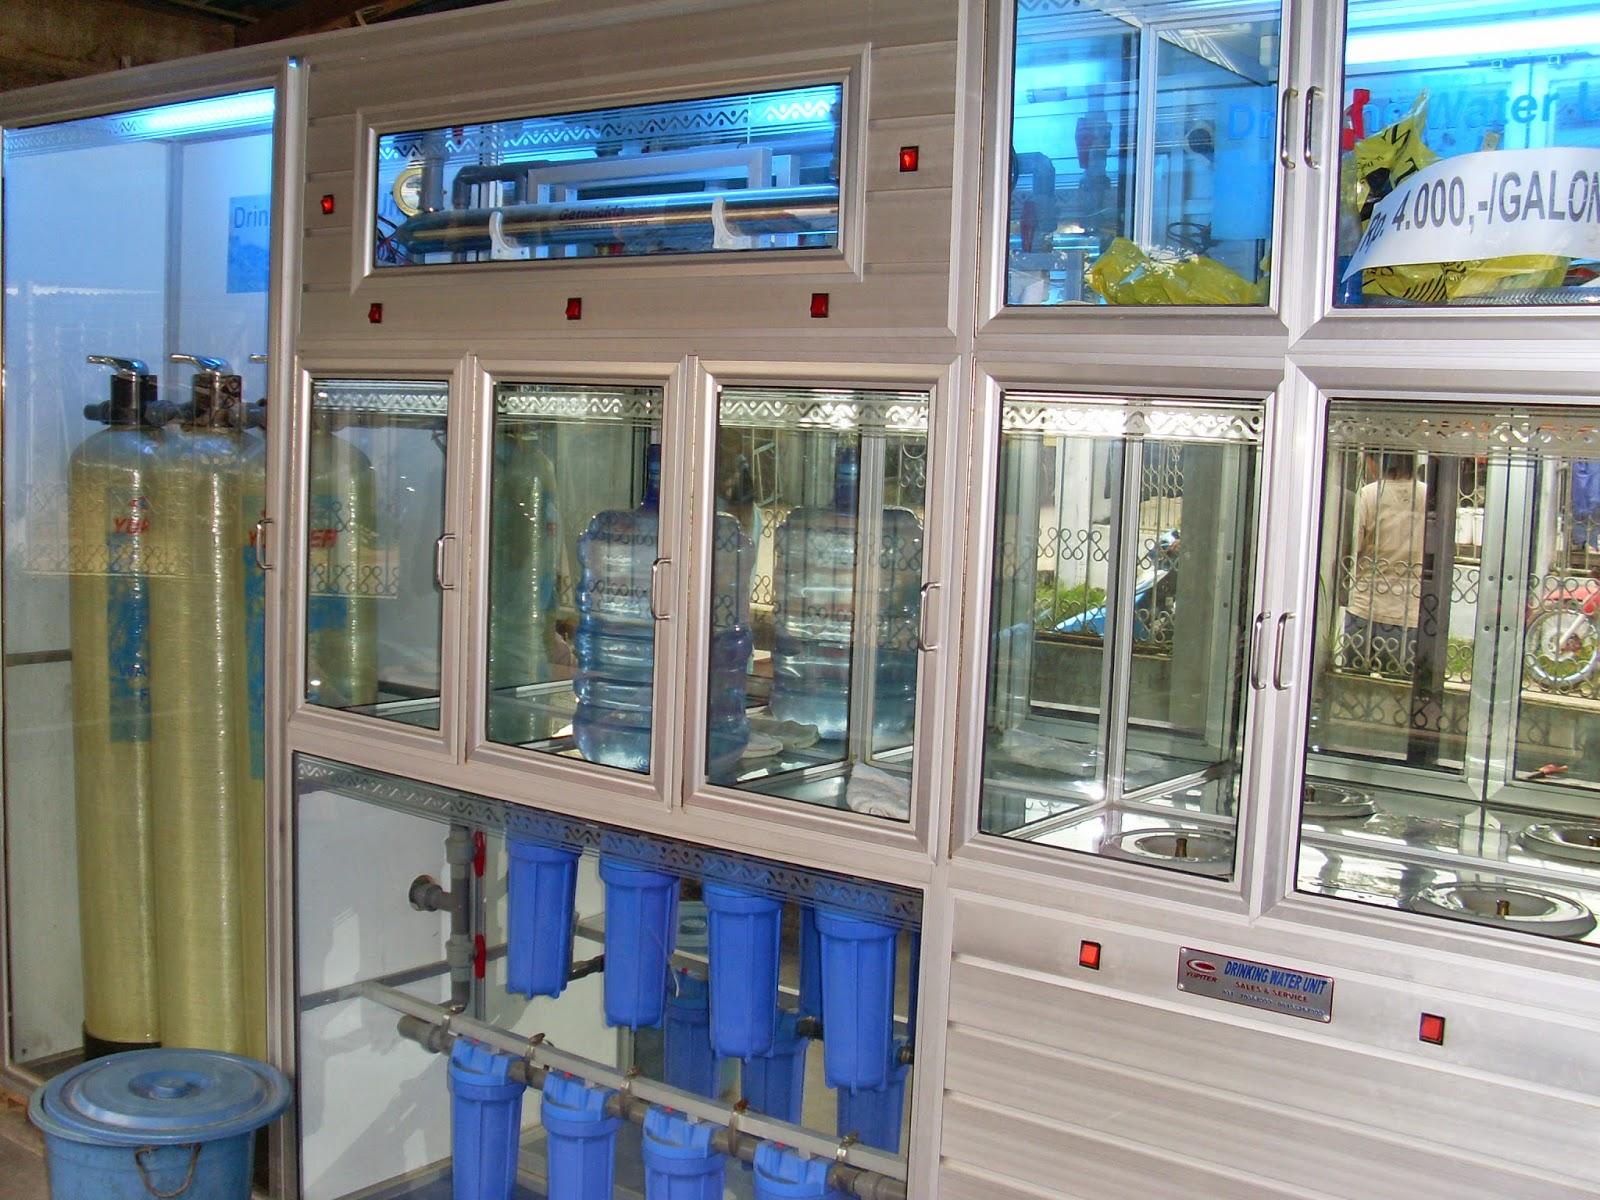 Peluang Bisnis Membuka Usaha Isi Ulang Air Minum Peluang Bisnis Membuka Usaha Isi Ulang Air Minum